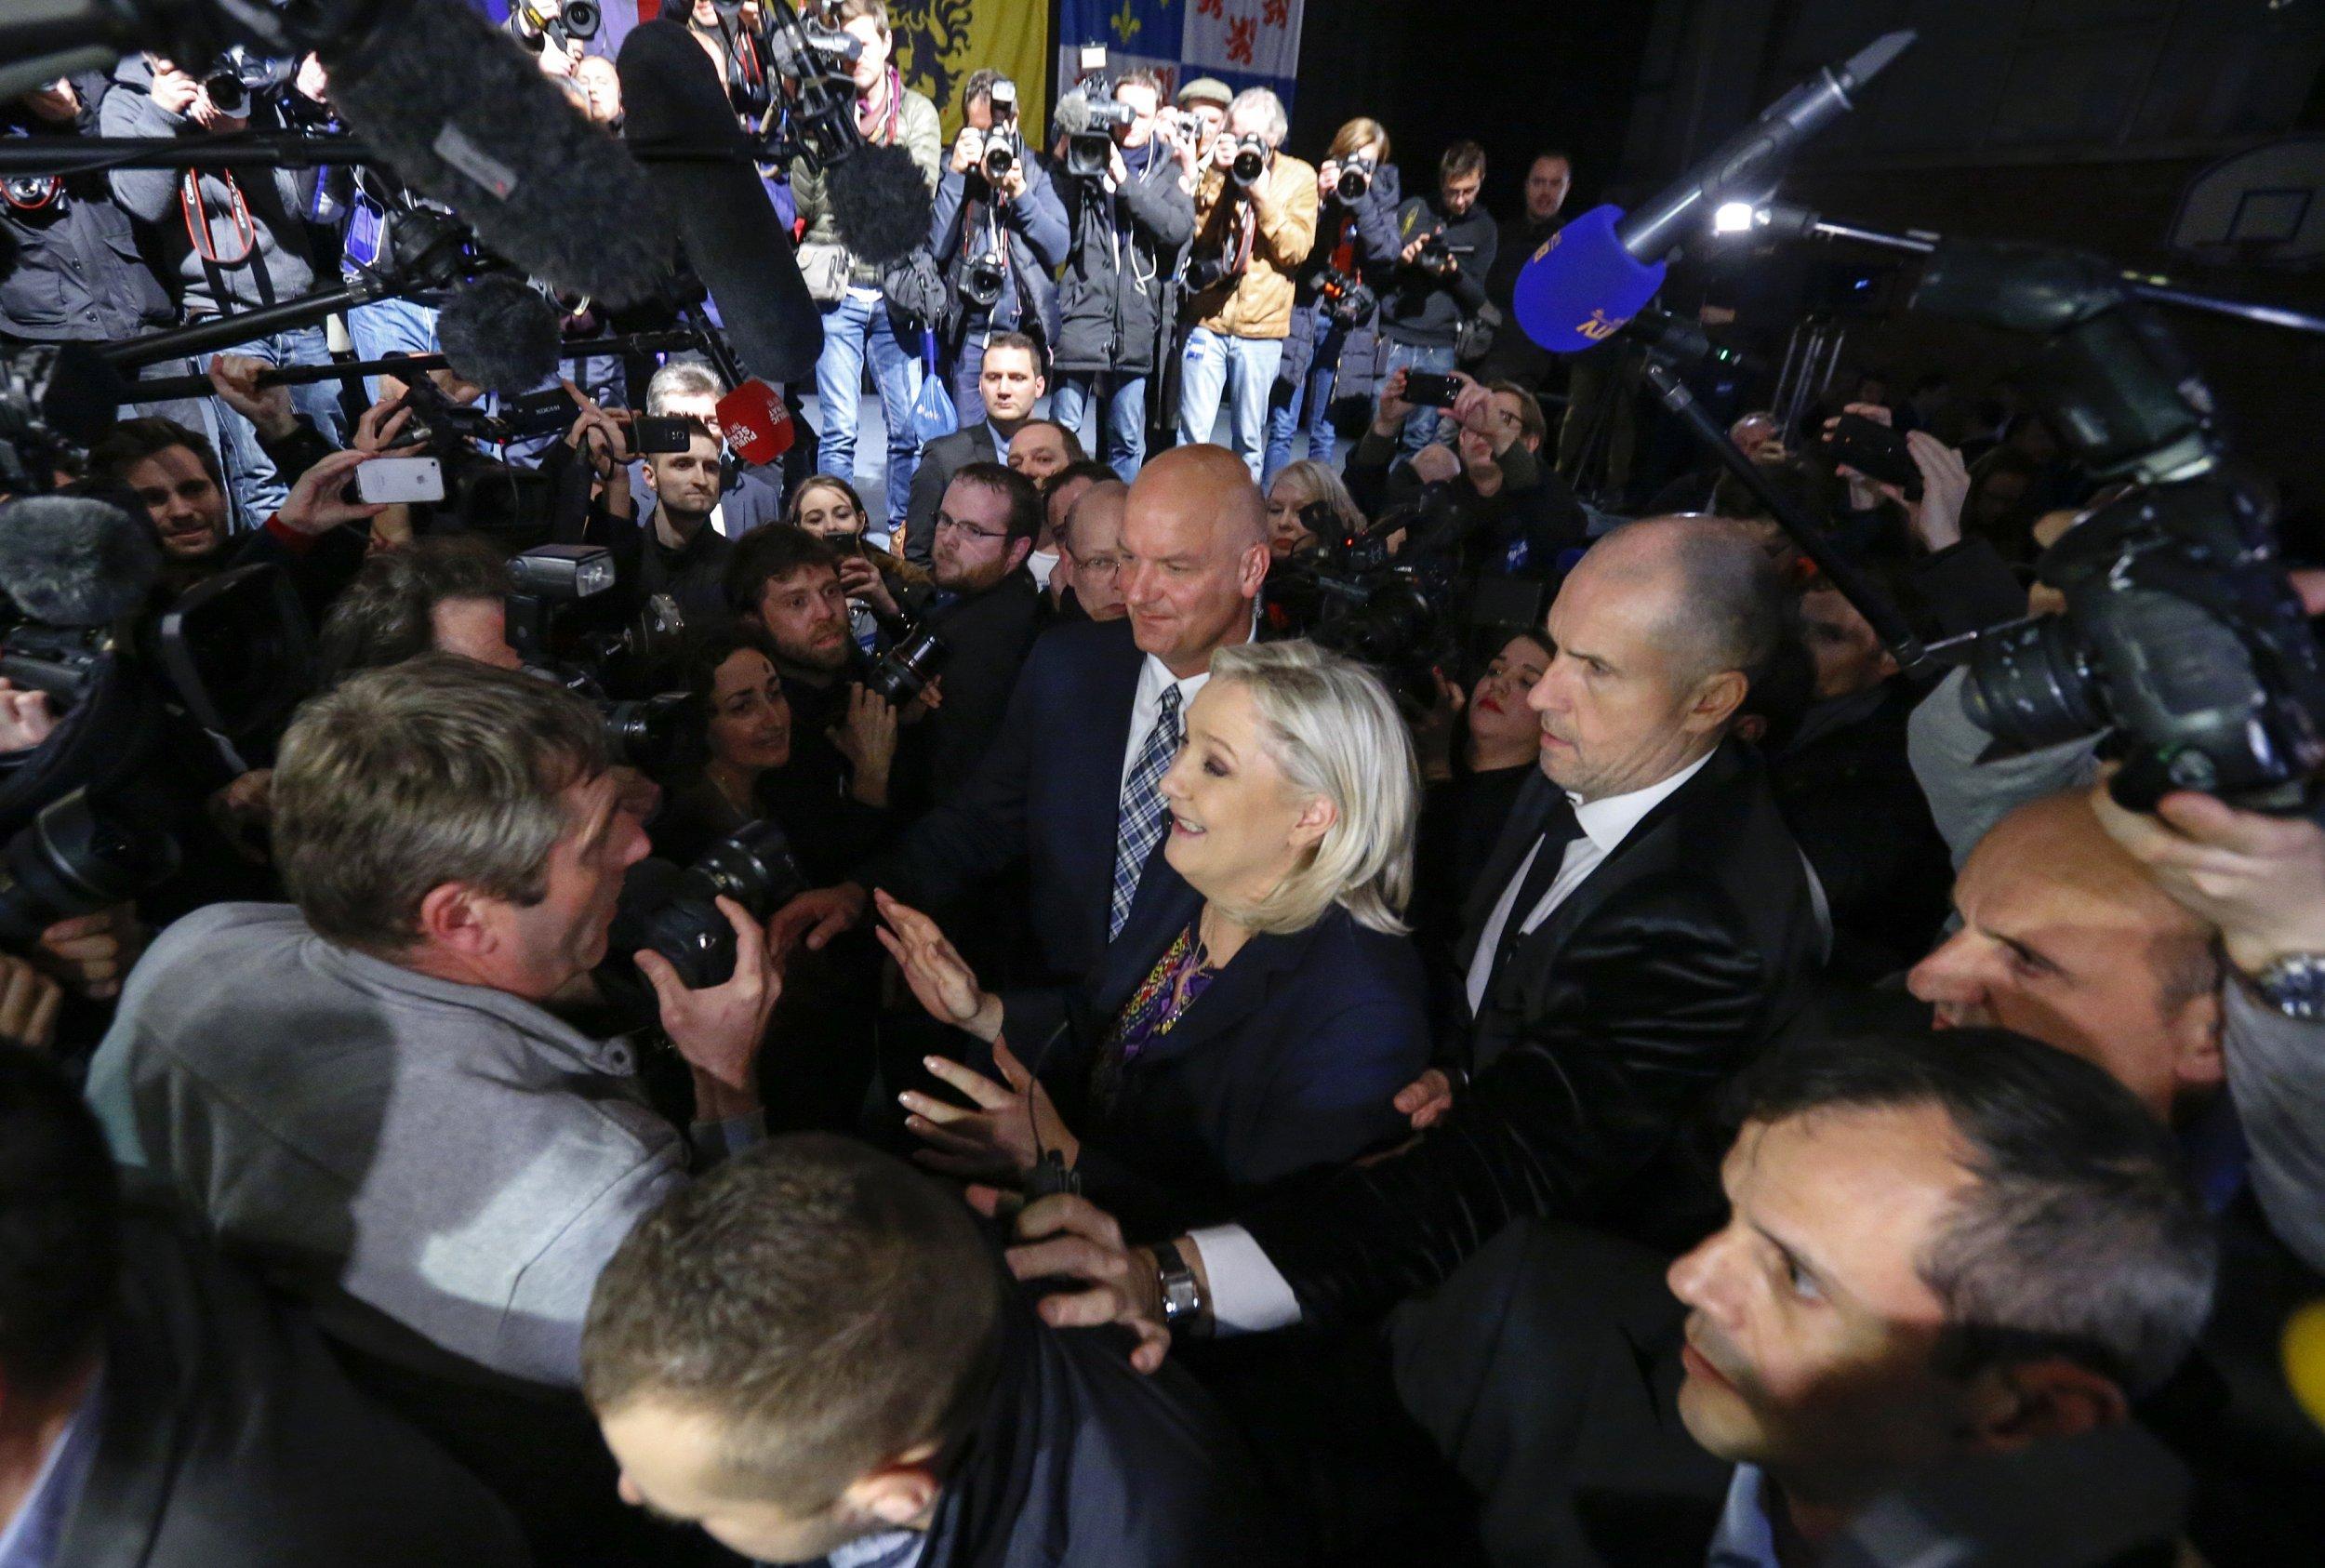 1214_Le Pen National Front